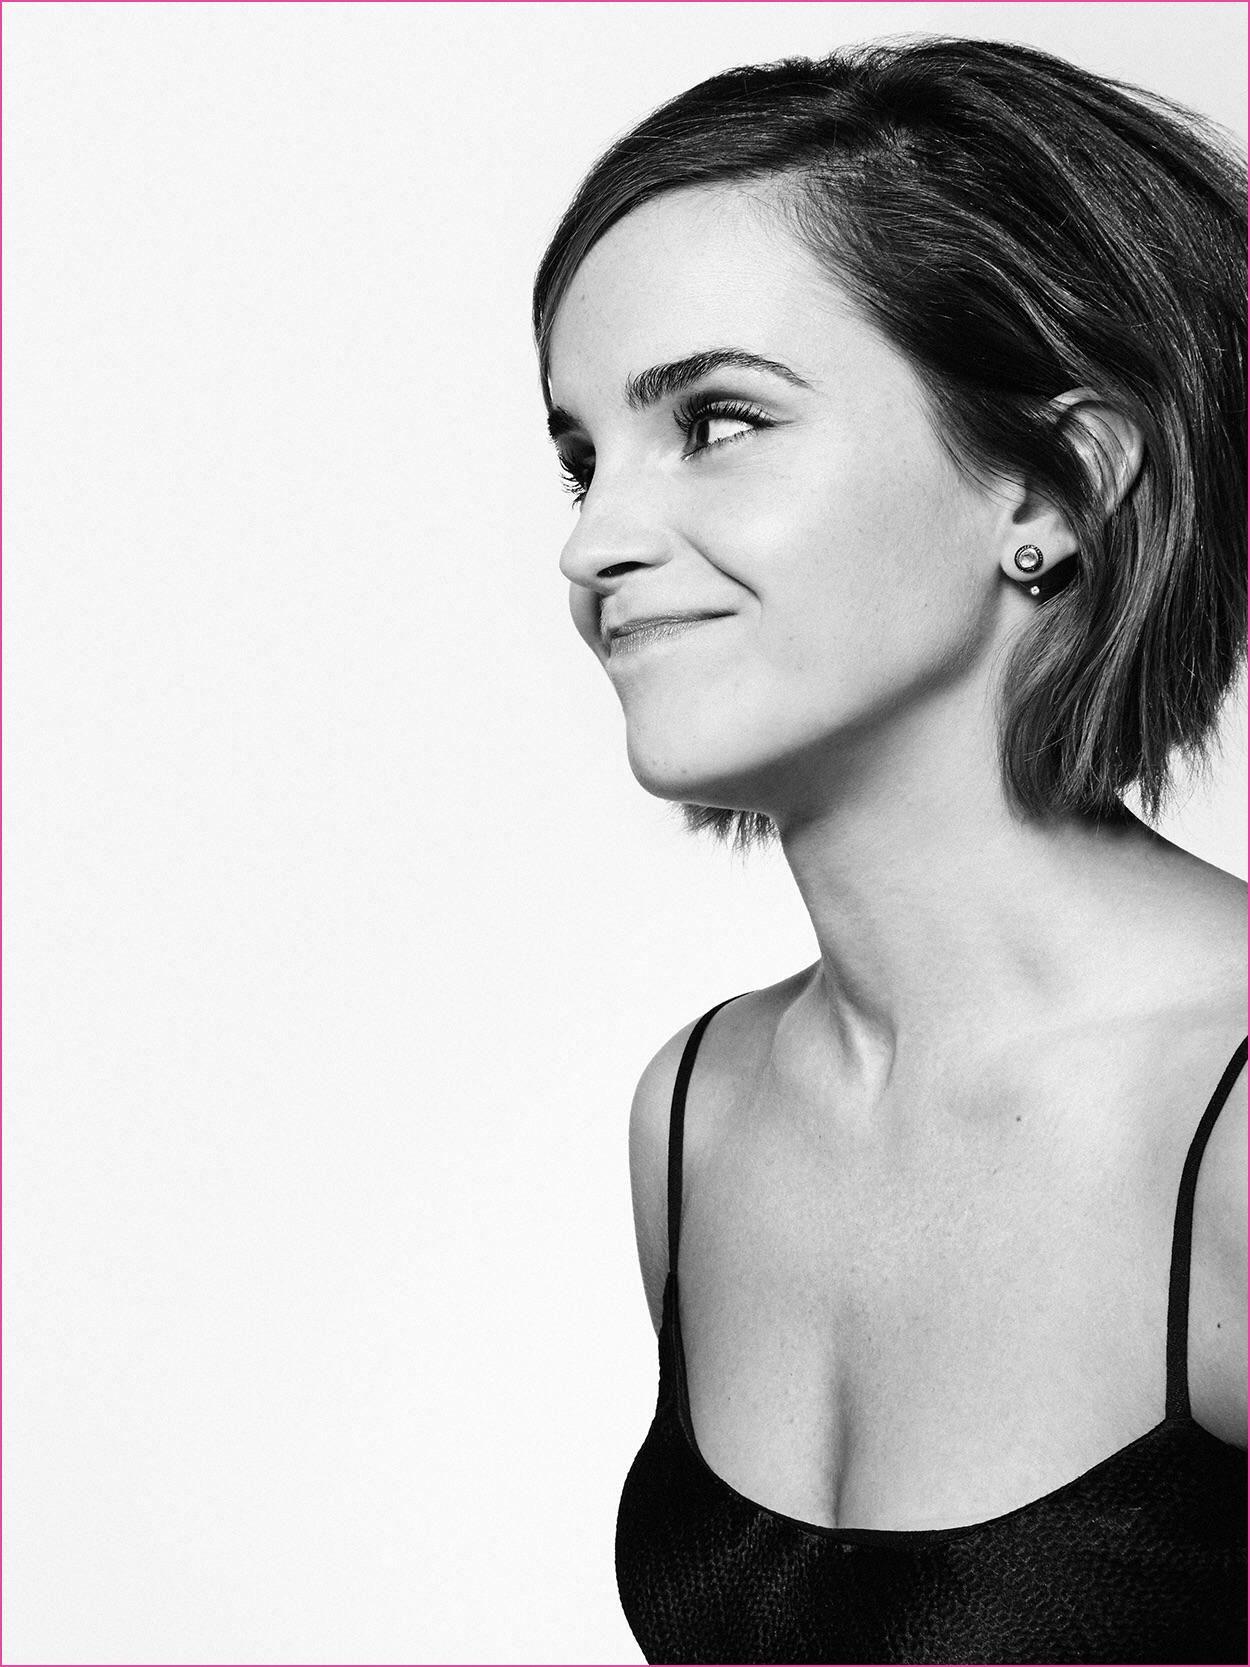 Madchen Kurze Haare Frisuren Trend Frisuren2019 Frisuren Neue Frisur Stil New Site In 2020 Emma Watson Short Hair Short Hair Styles Very Short Hair